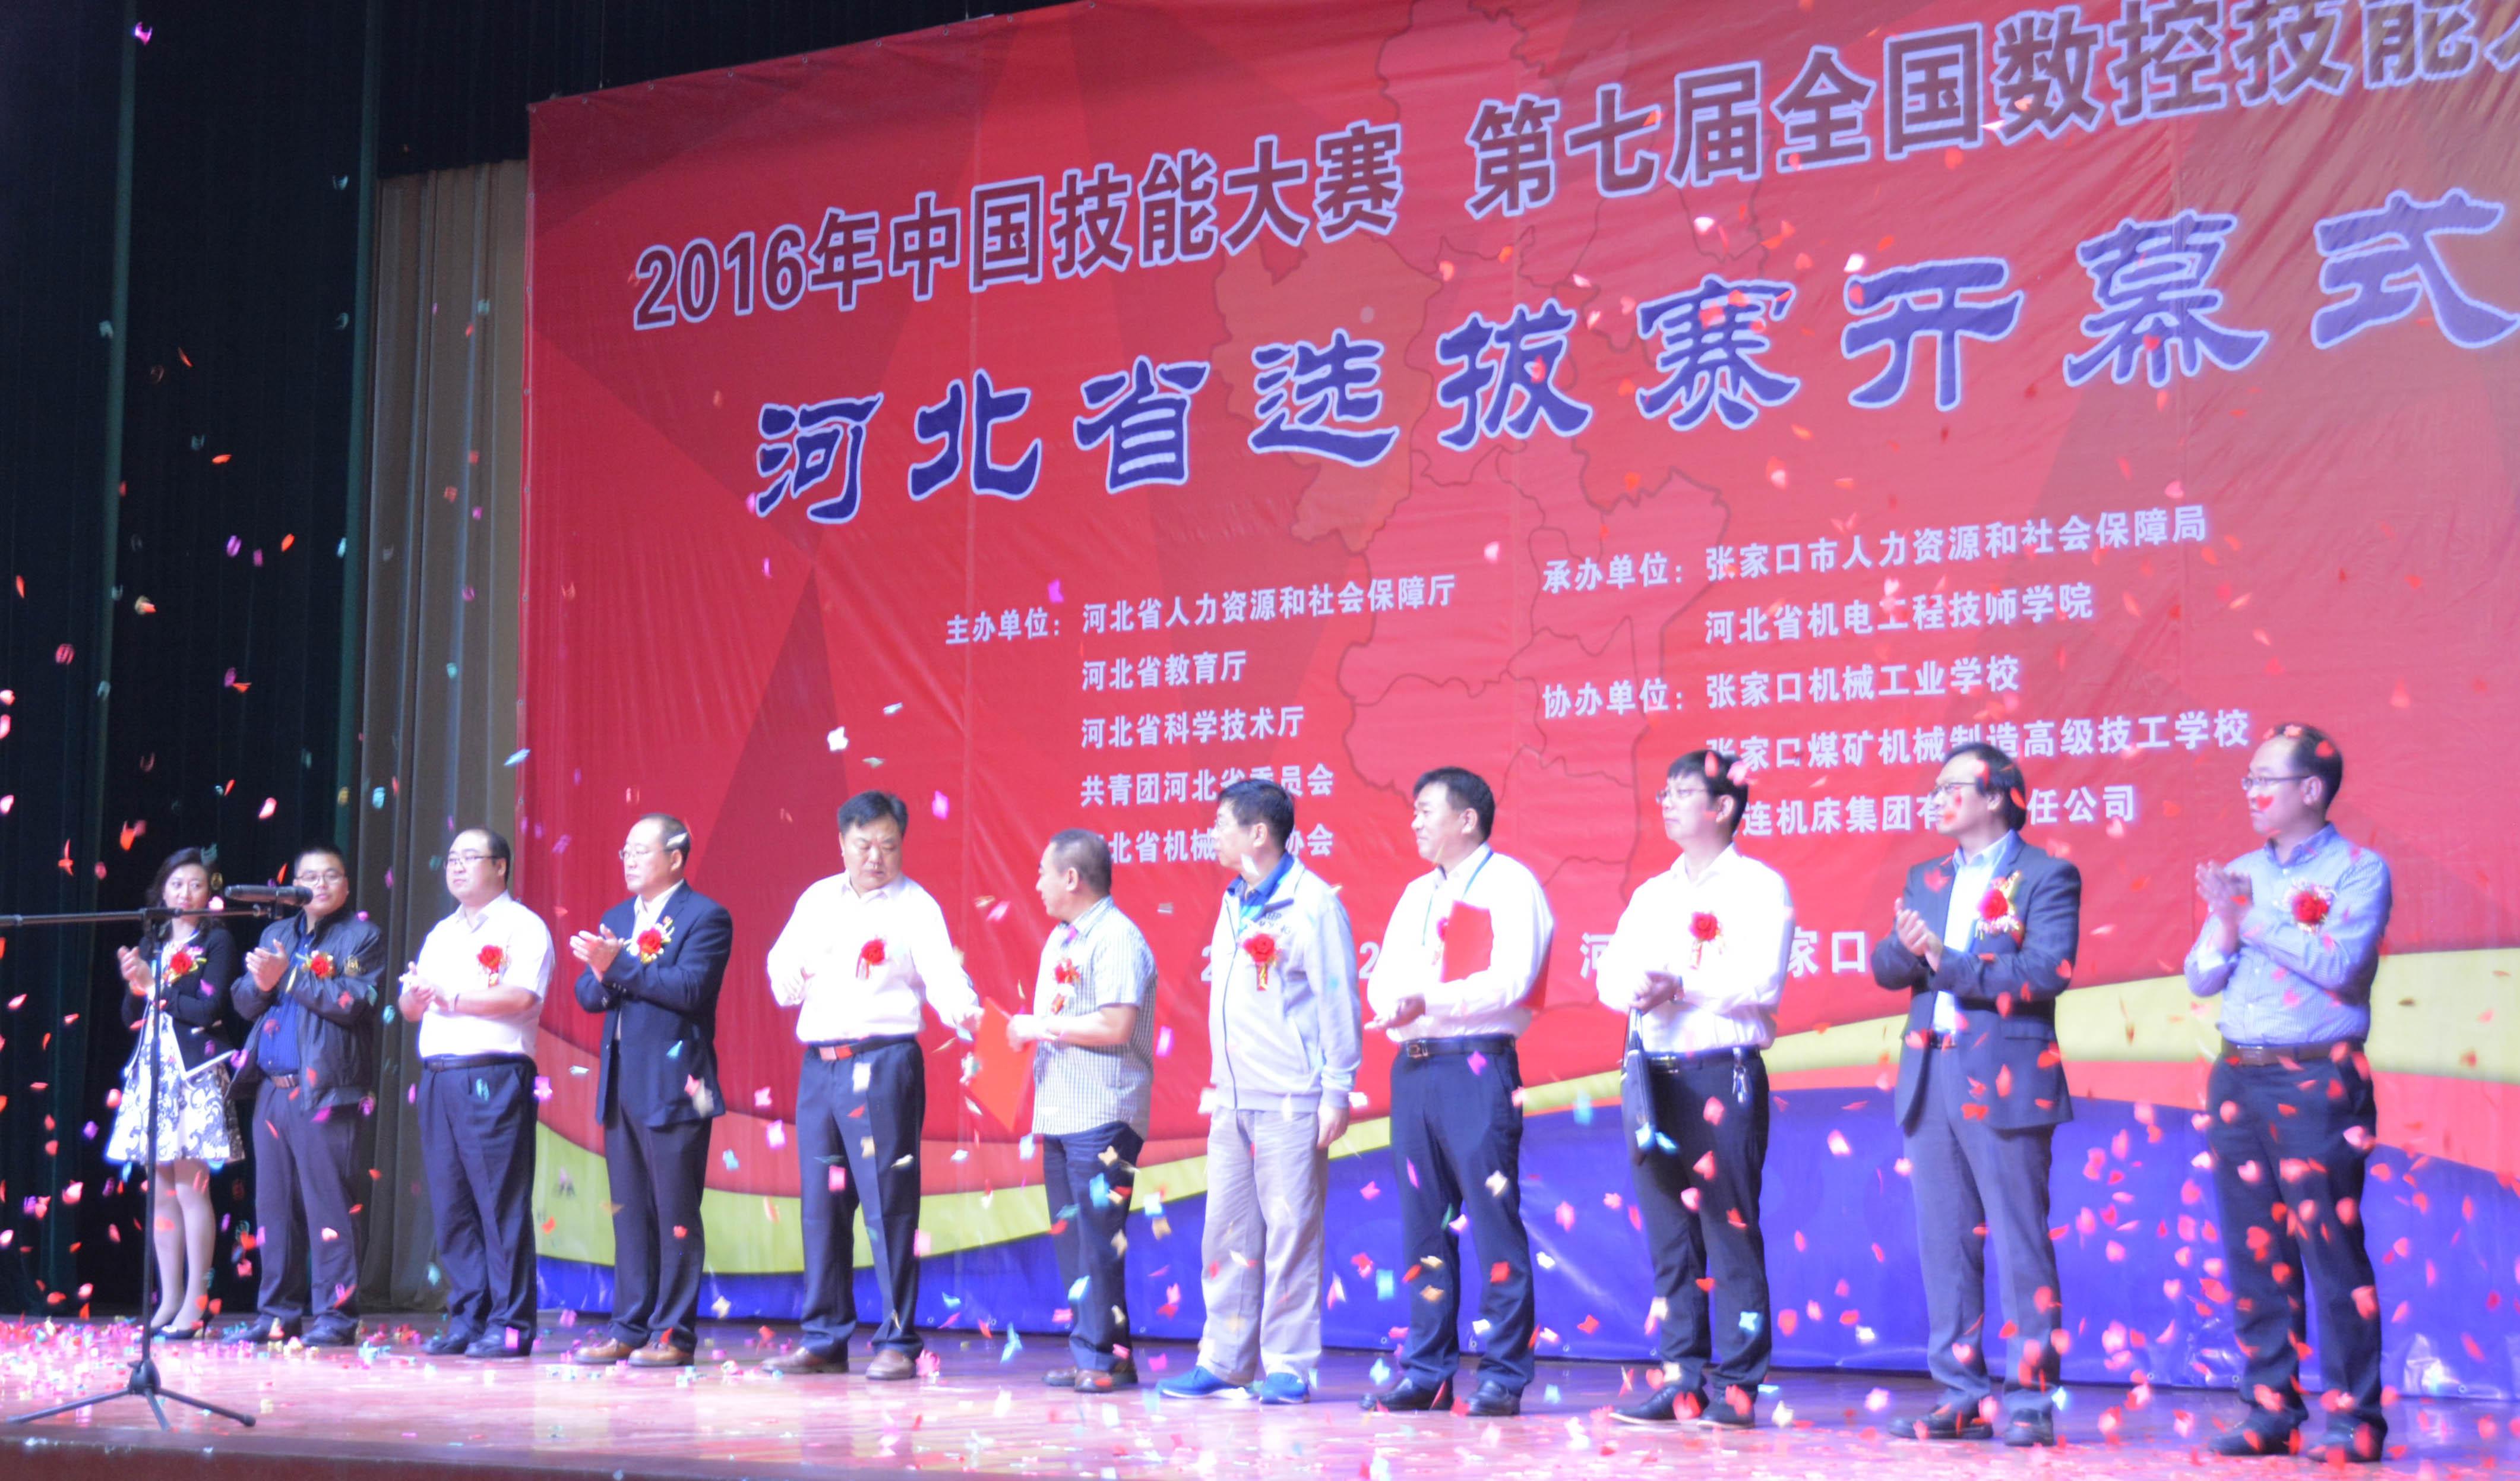 9月22日,2016年中国技能大赛、第七届全国数控技能大赛河北省选拔赛在我校隆重开幕。